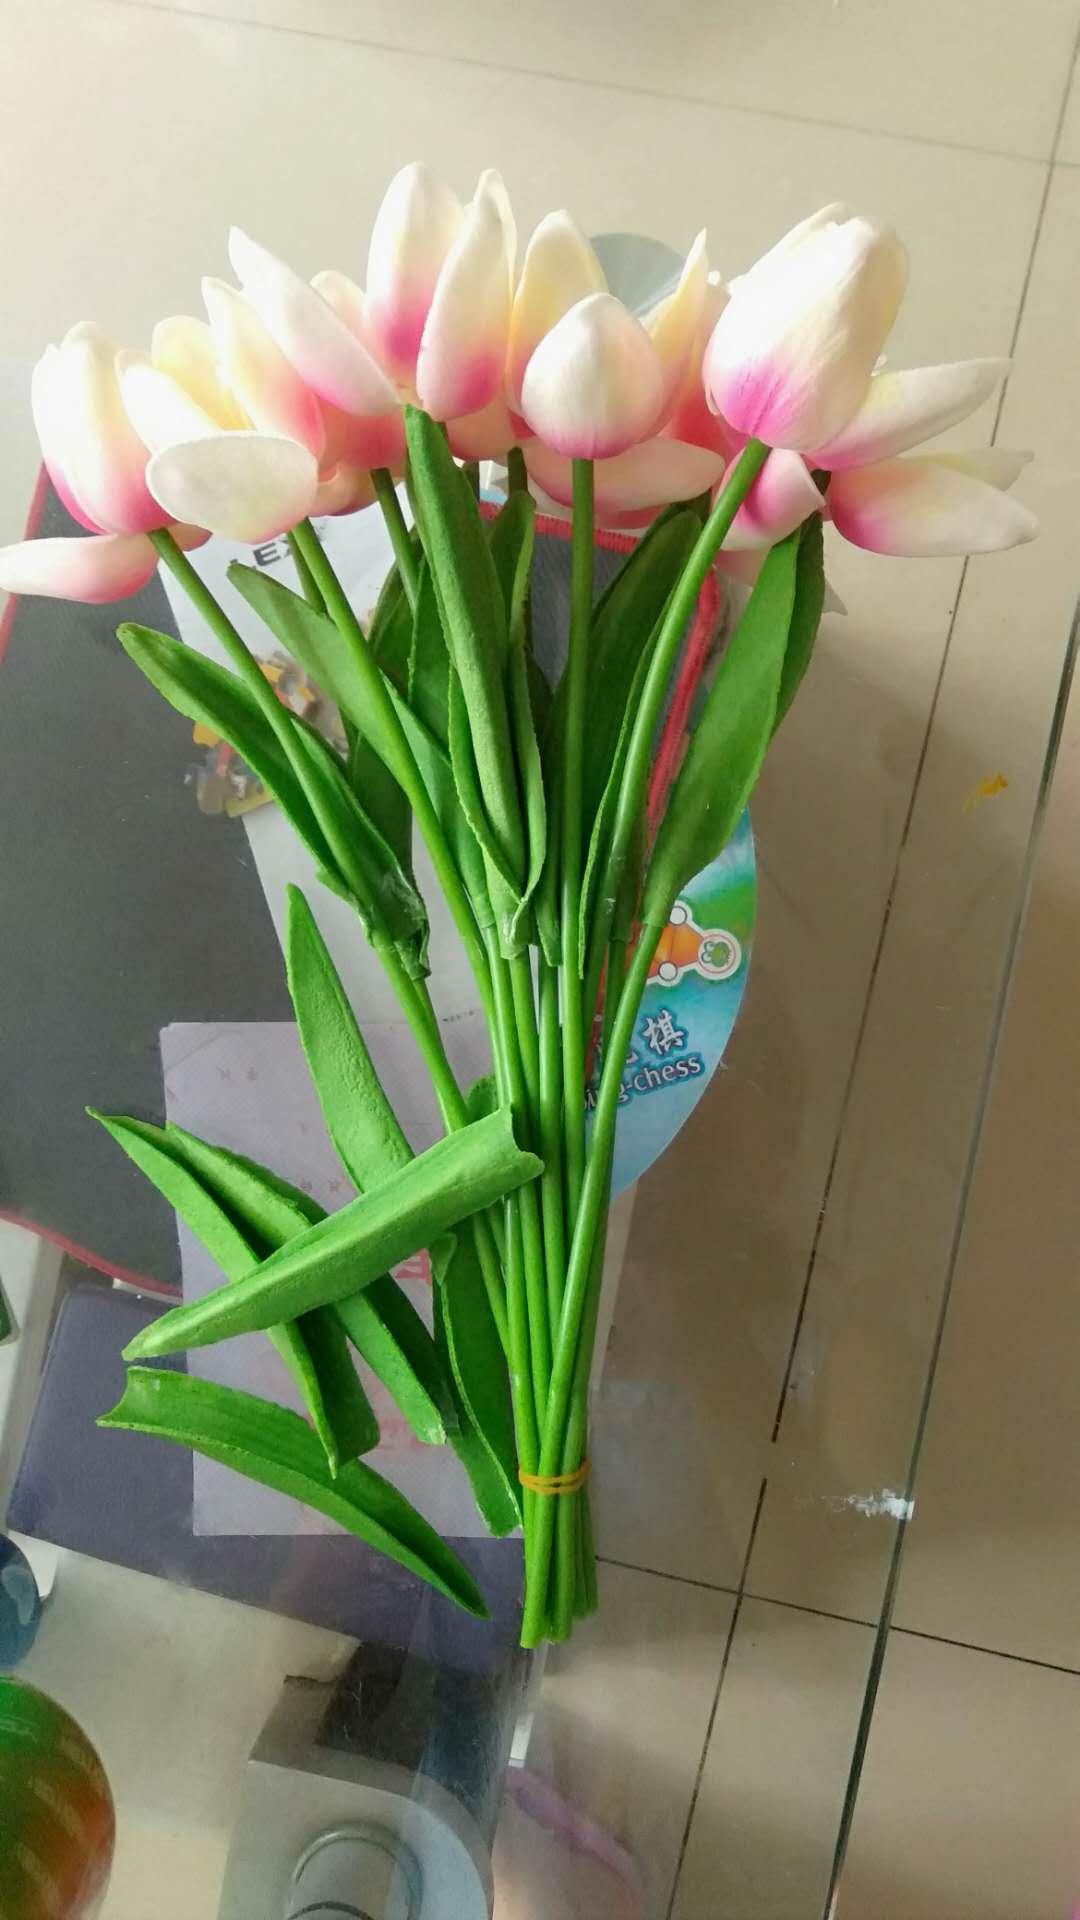 盛世泰堡仿真花假花束干花塑料绢花装饰花客厅插花摆件装饰郁金香10束装